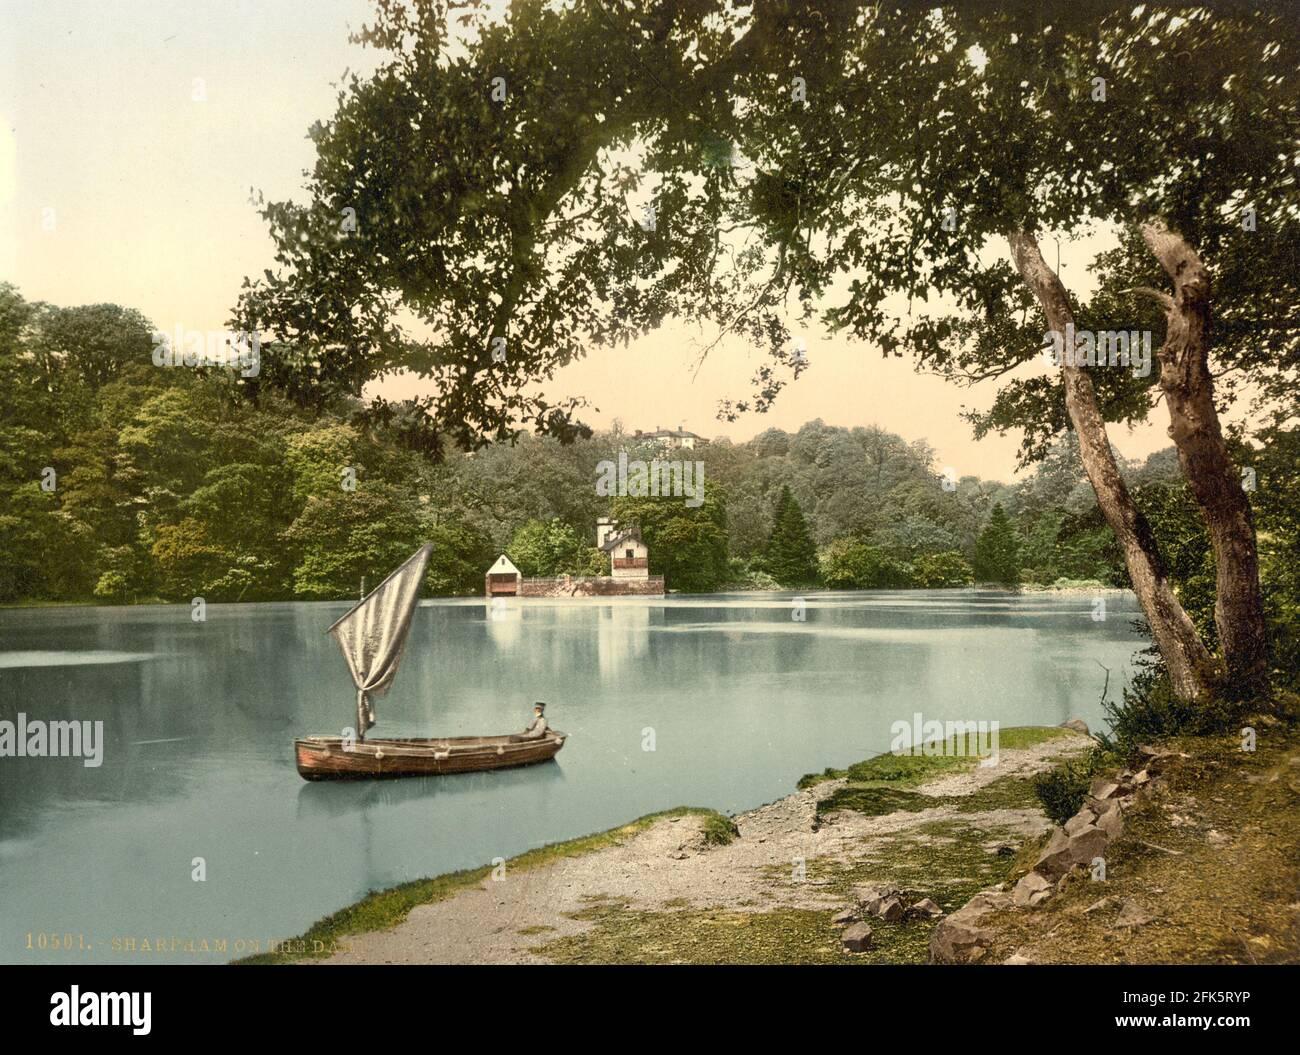 Sharpham sul fiume Dart in Devon circa 1890-1900 Foto Stock